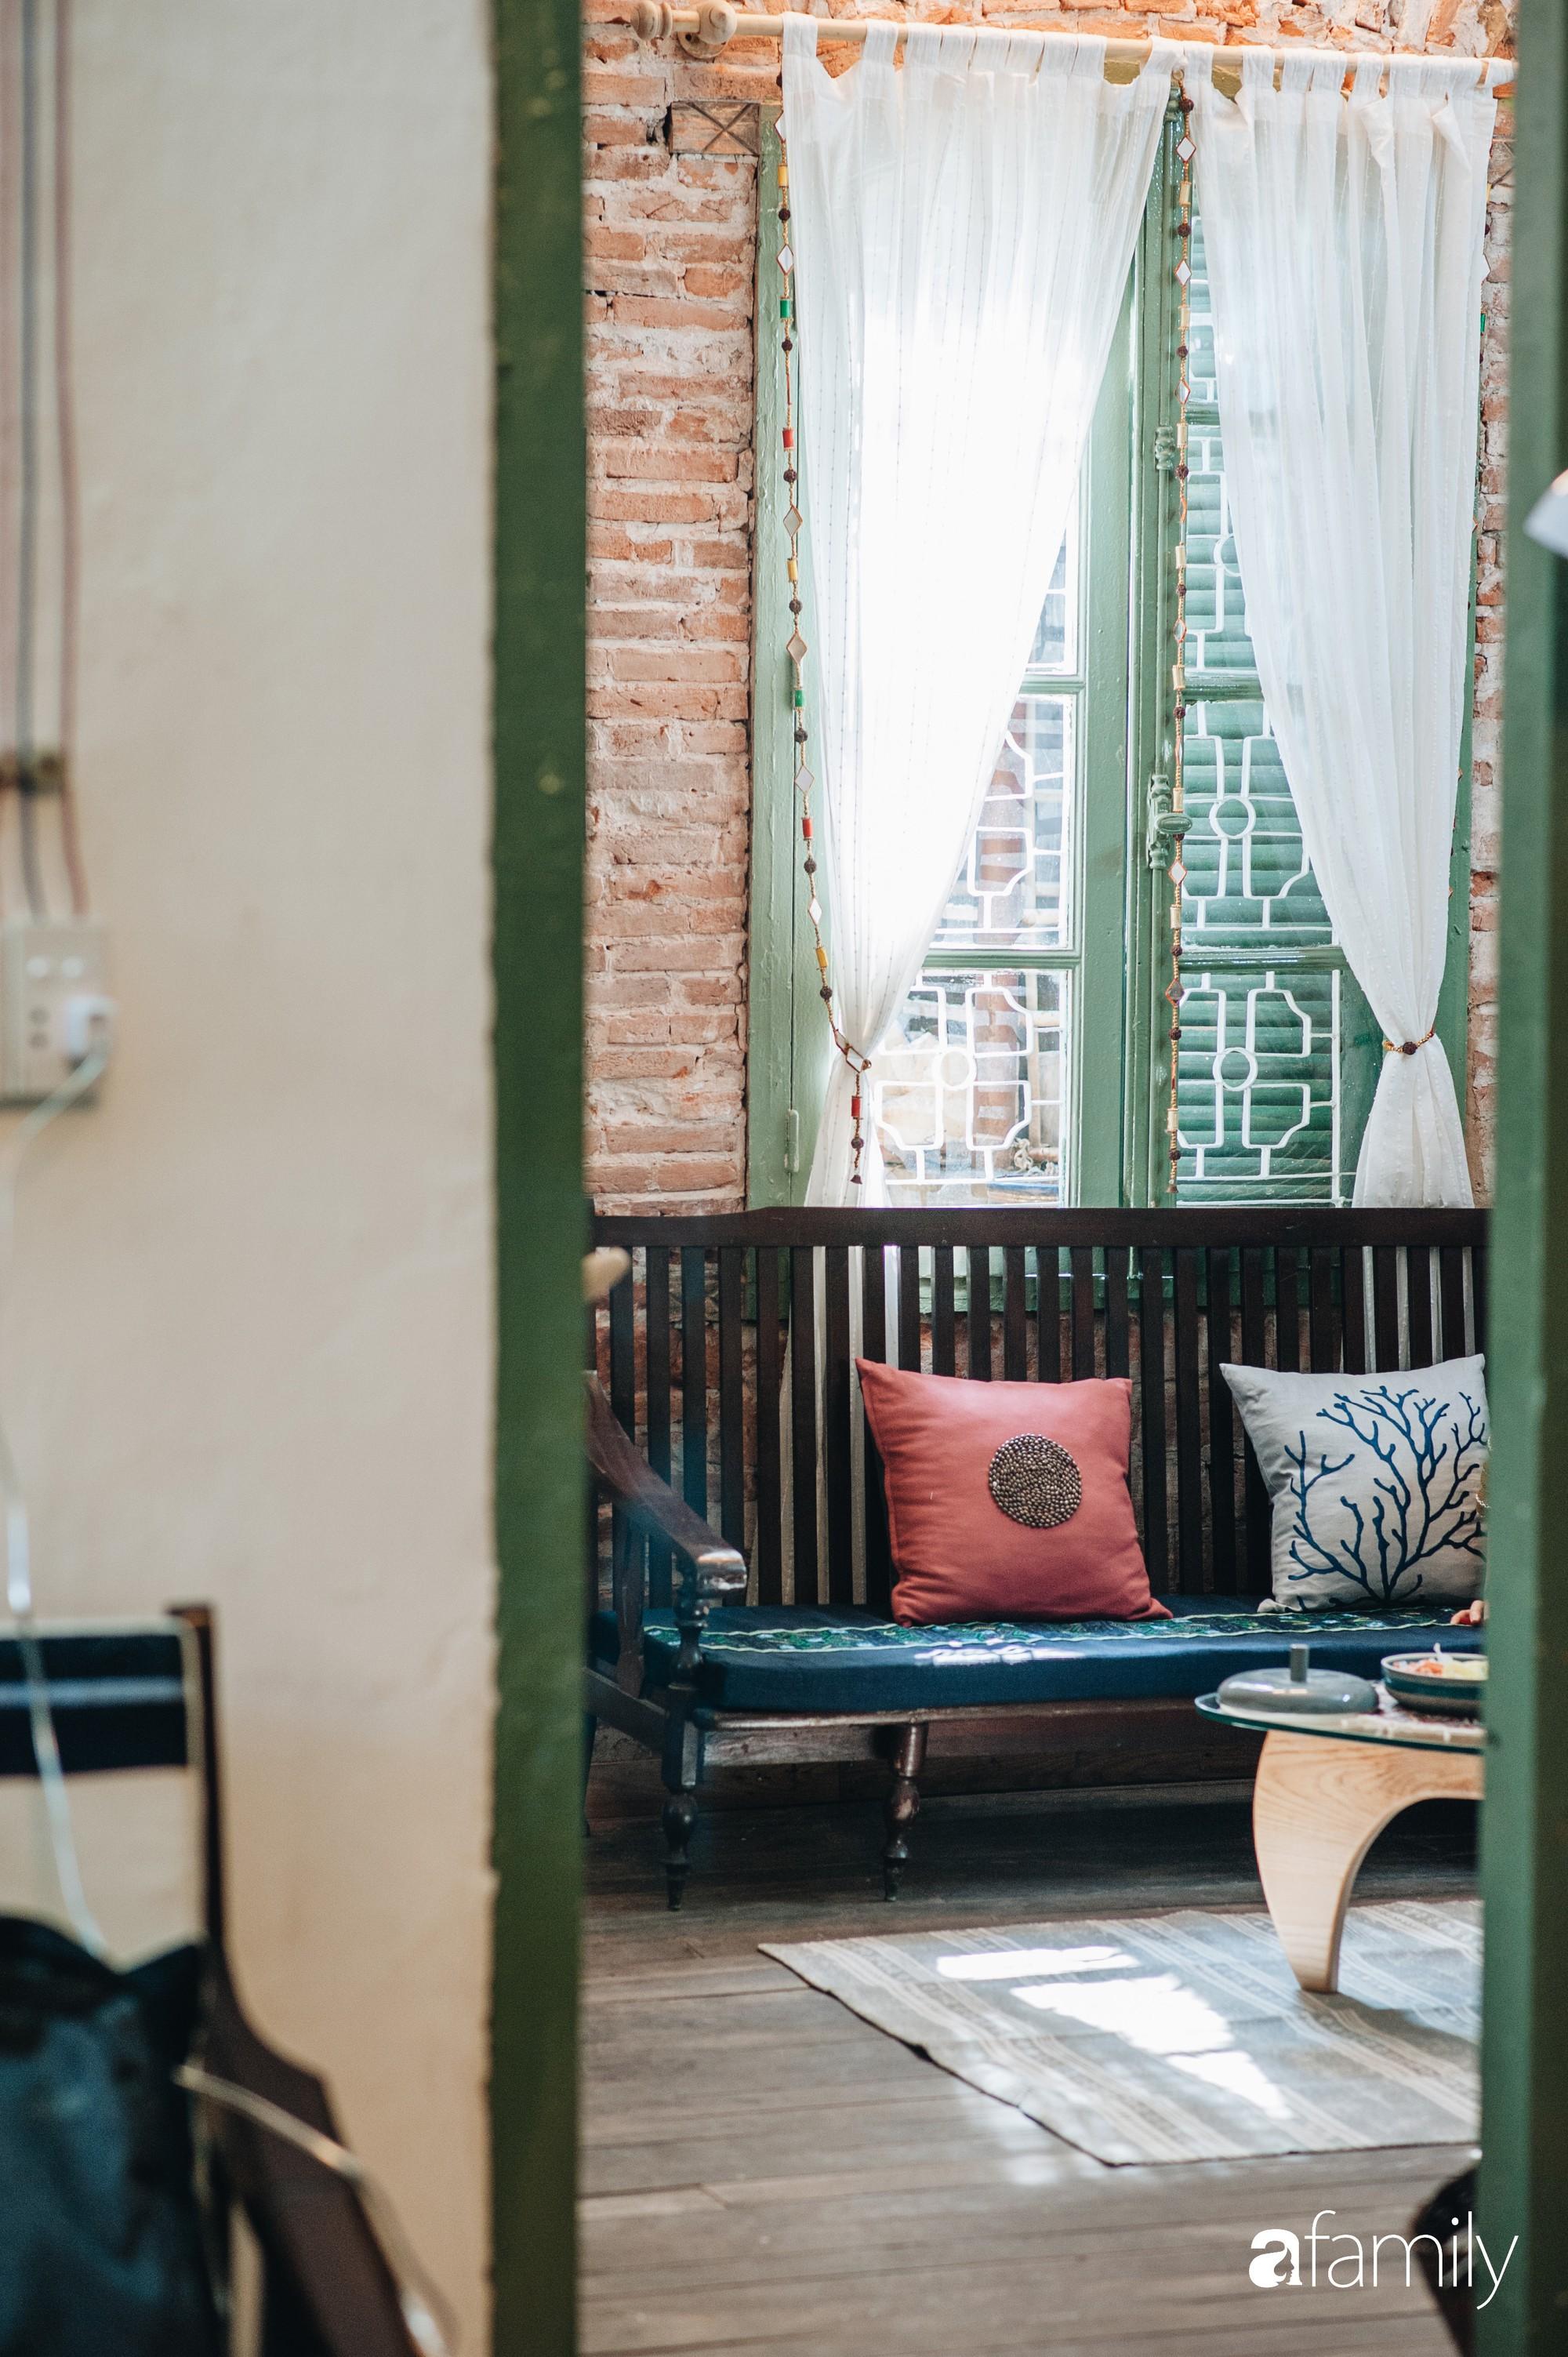 Kéo Tết vào phòng khách bằng những cải tạo tinh tế, dễ kiếm lại hợp túi tiền - Ảnh 14.